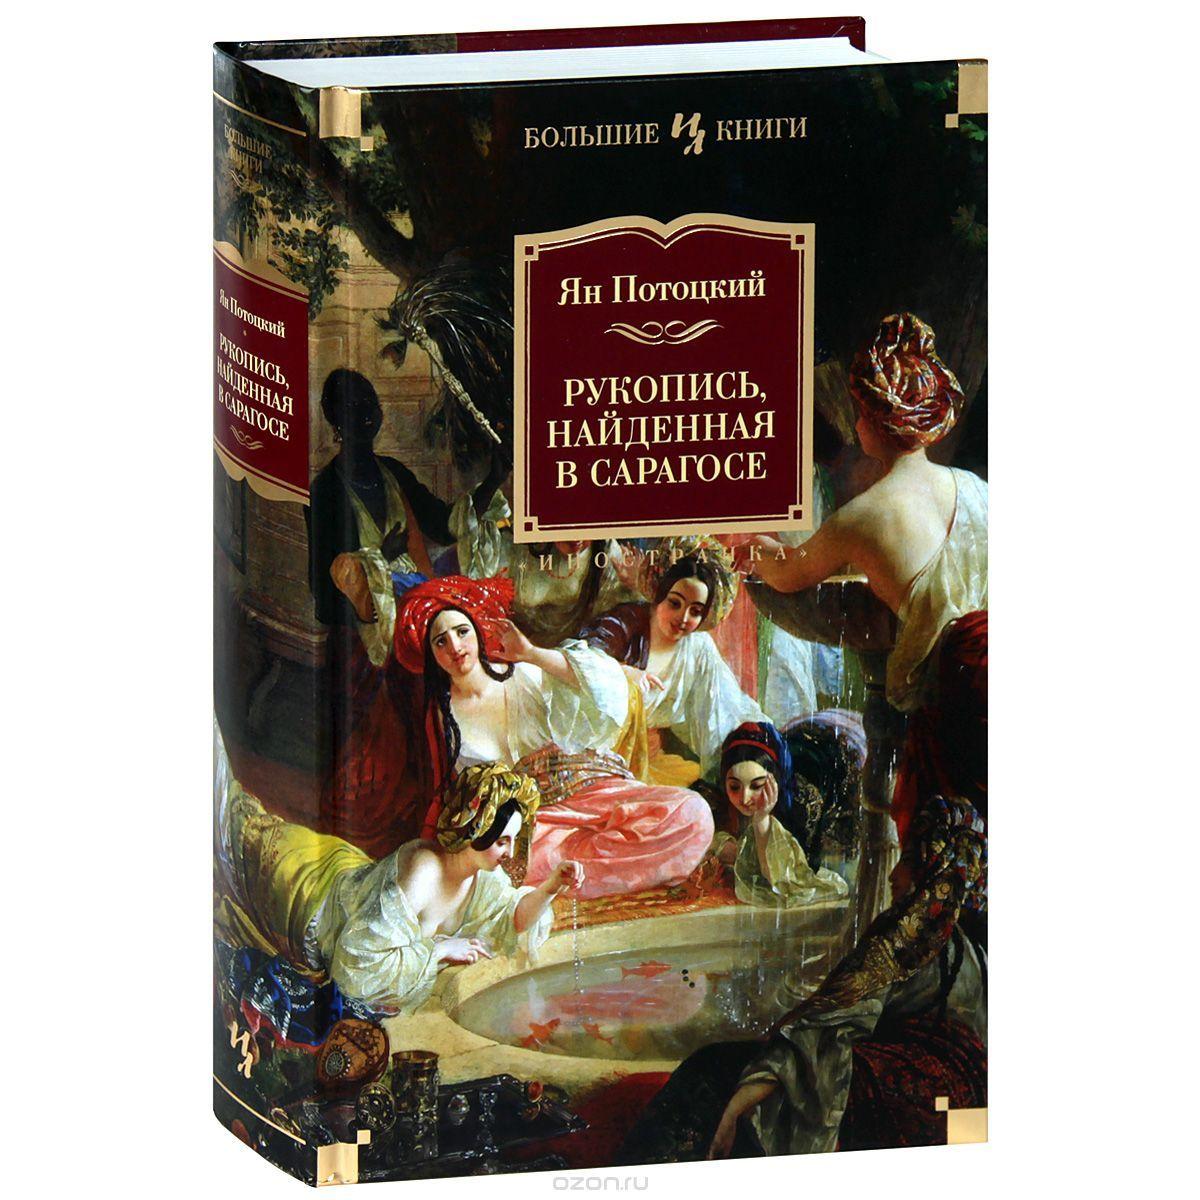 Kitab Рукопись, найденная в Сарагосе | Ян Потоцкий